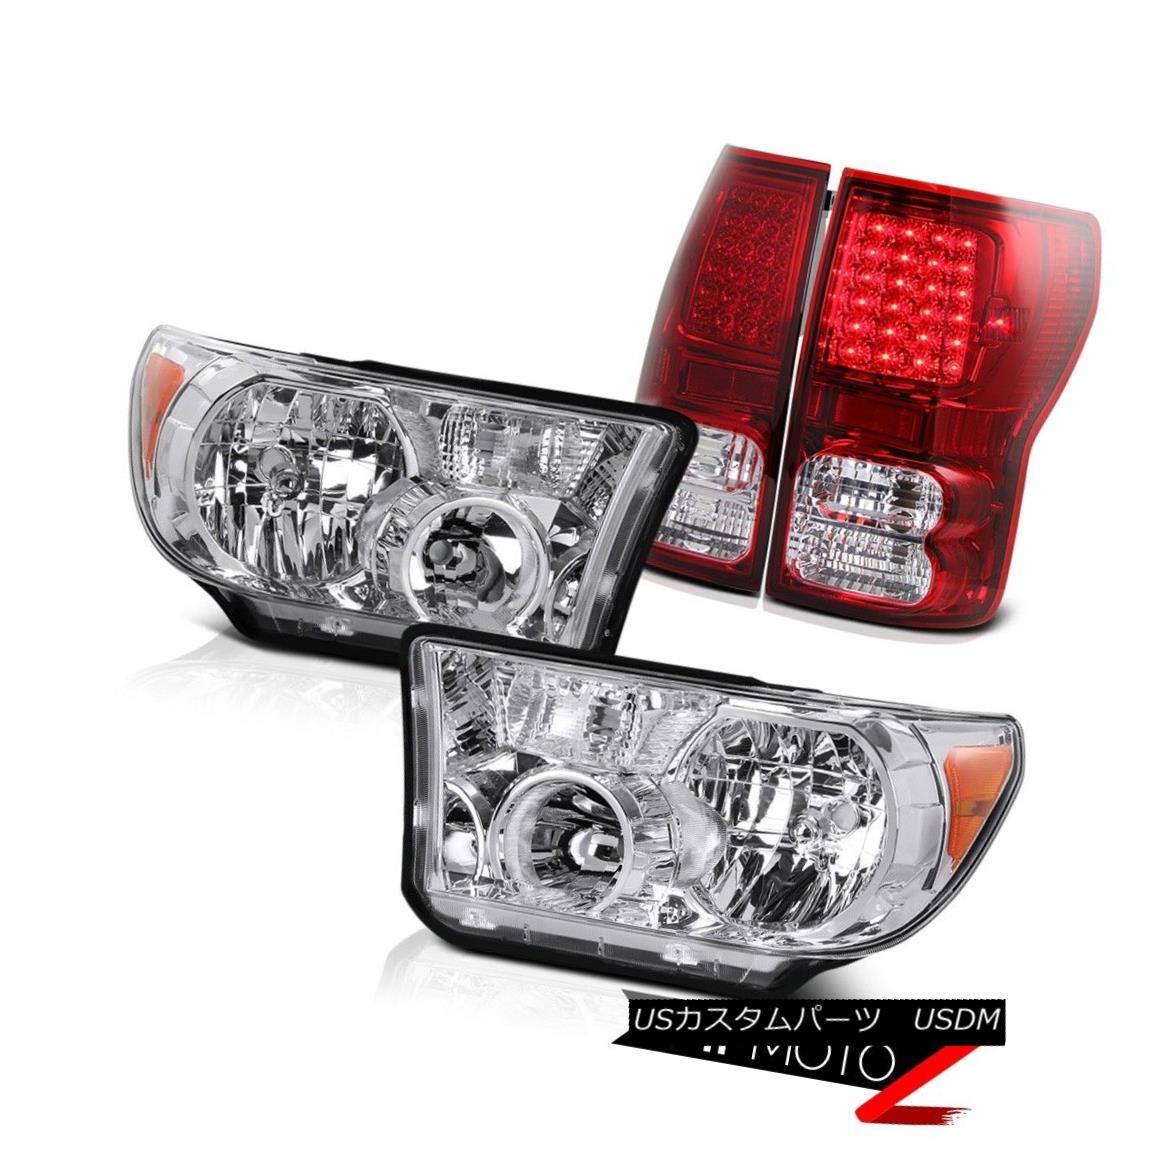 テールライト Crystal Clear Headlight Lamp+Smoke L+R Led Tail Light Lamp 2007-13 Toyota Tundra クリスタルクリアヘッドランプ+スモークL + Rテールライトランプ2007-13トヨタトンドラ